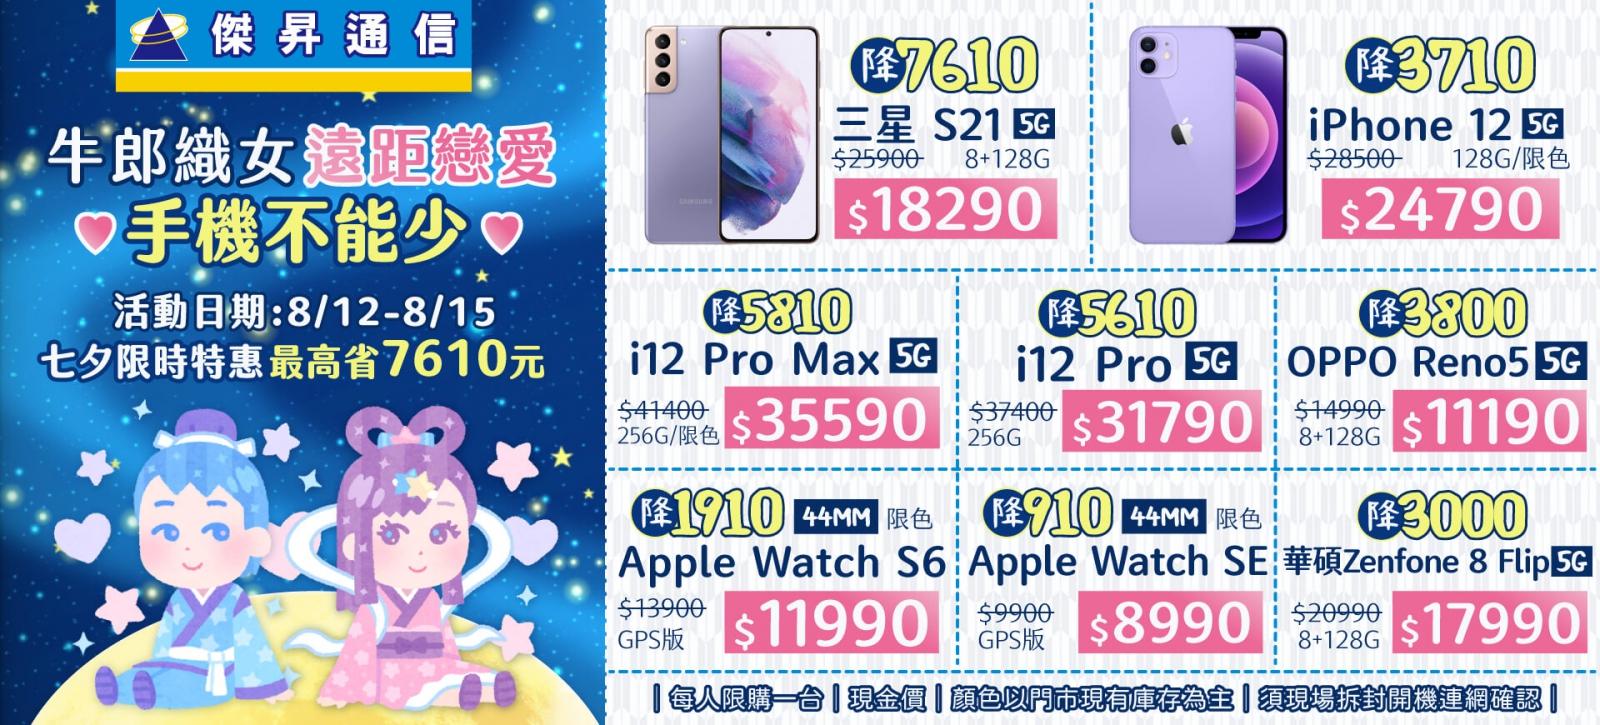 牛郎織女遠距戀愛手機不能少♥三星S21最高省7610元↘